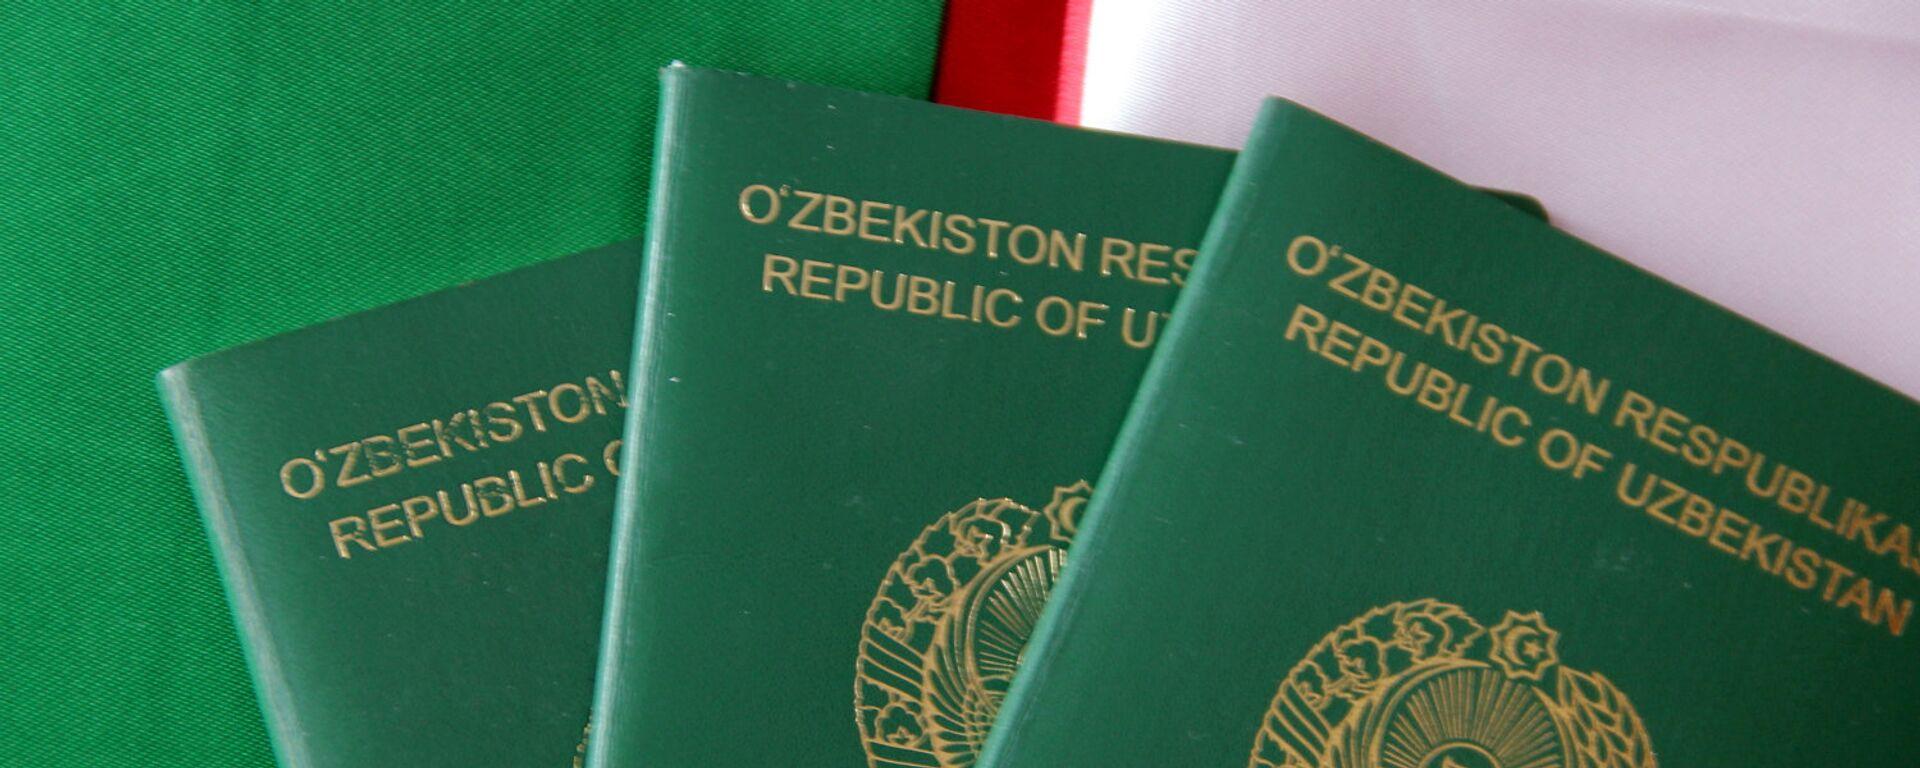 Узбекский паспорт - Sputnik Узбекистан, 1920, 11.03.2021